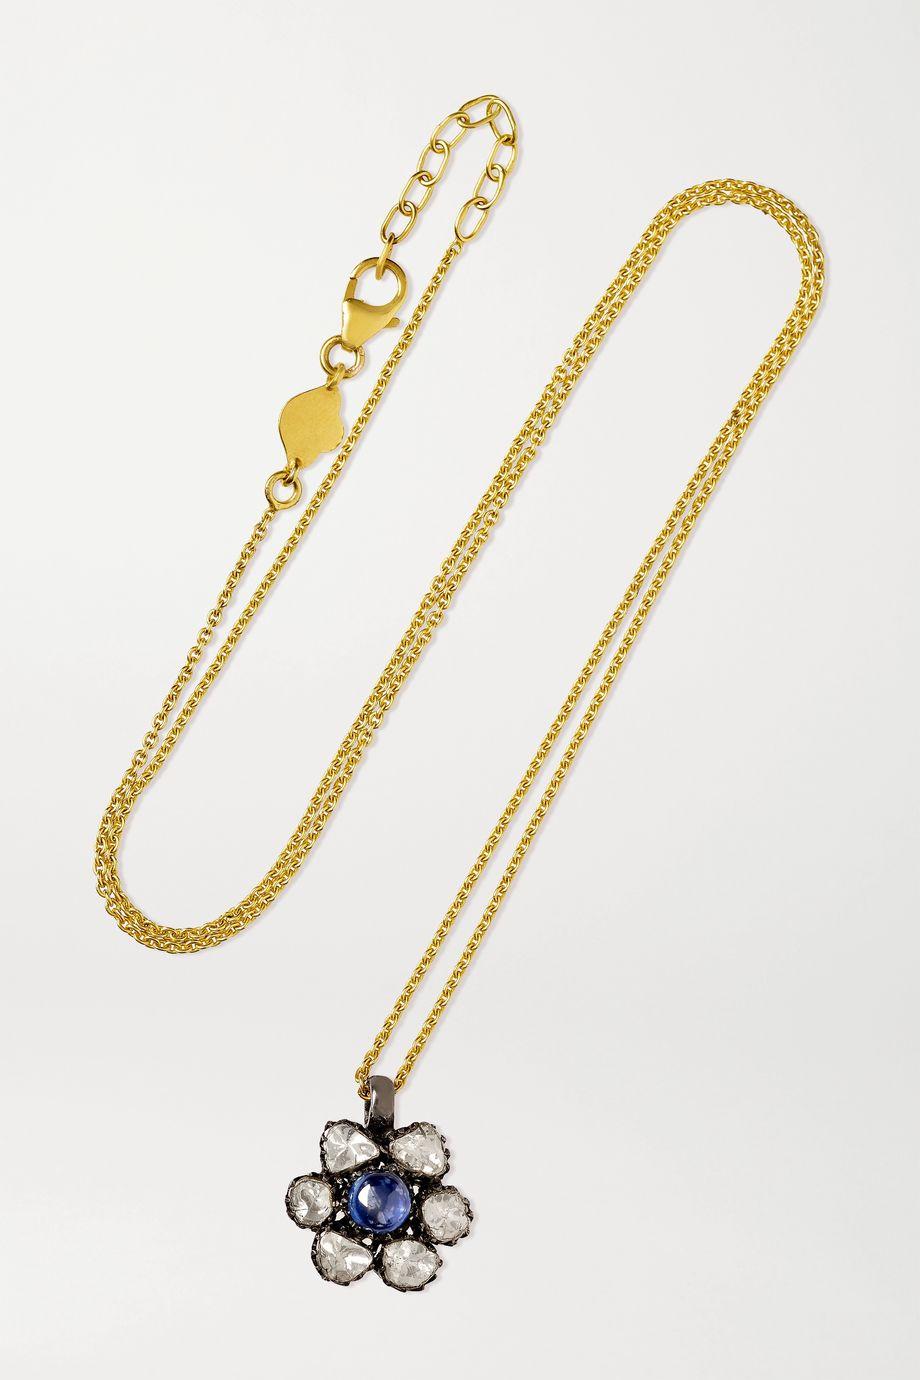 Amrapali Kette aus 18 Karat Gold mit Sterlingsilberauflage, Saphir und Diamanten